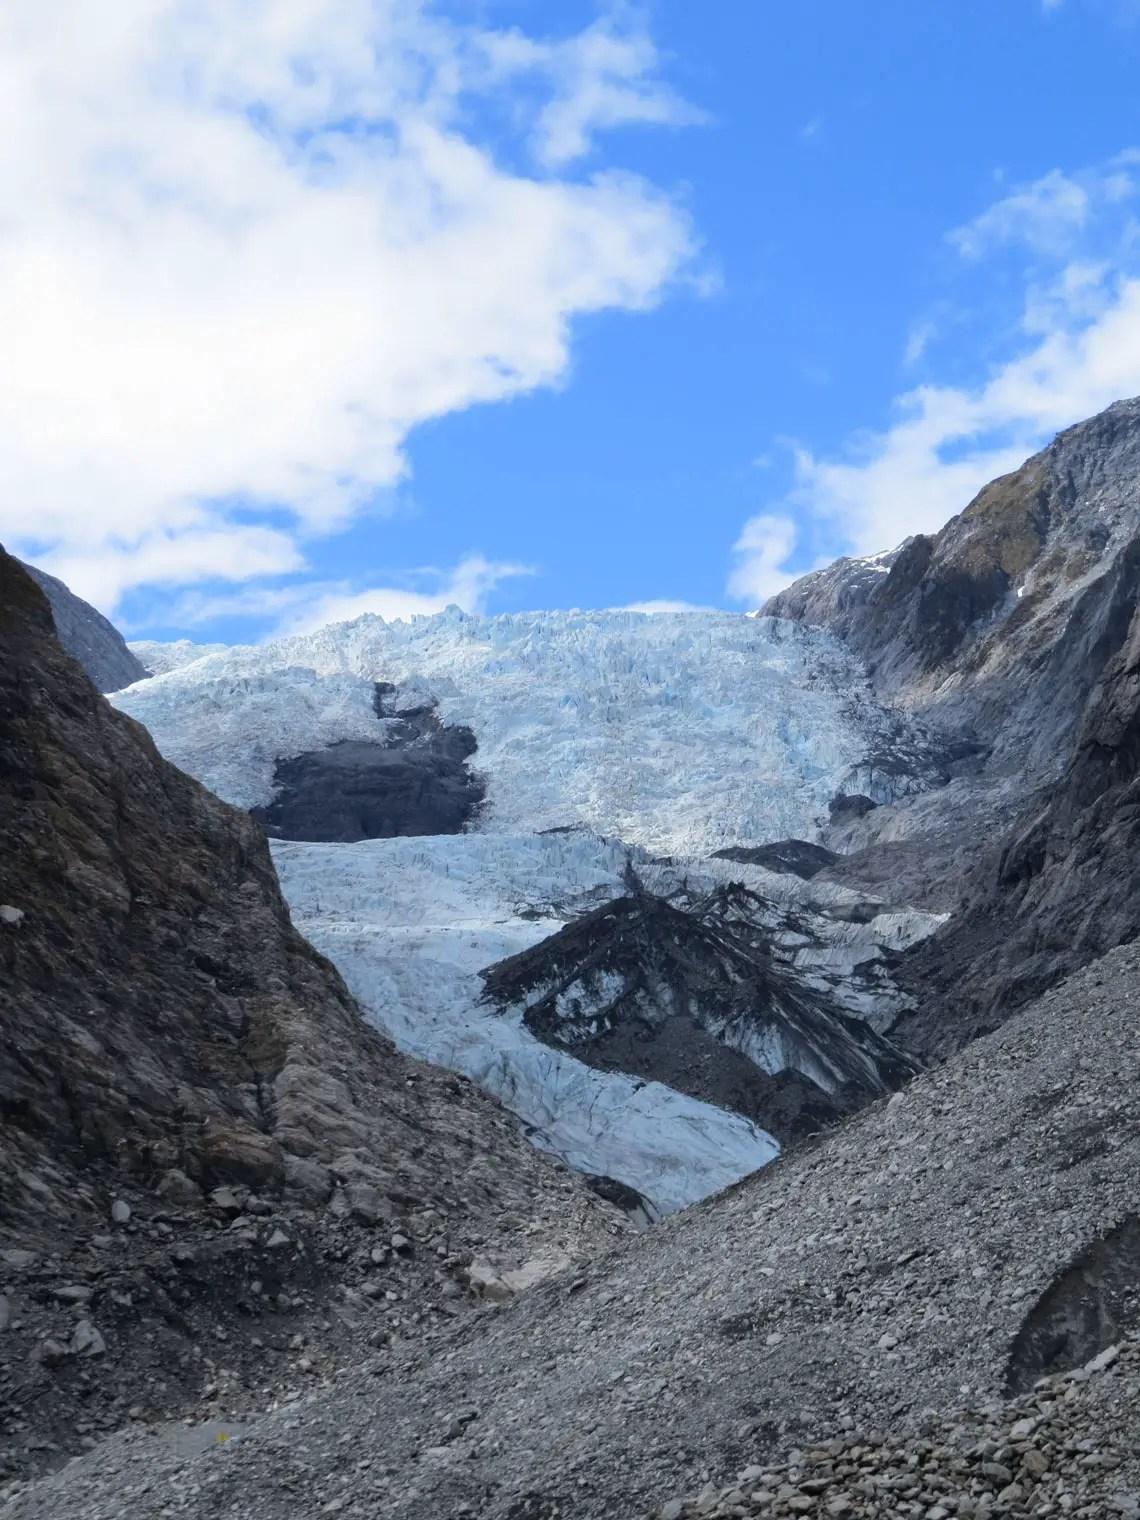 Der Gletscher hat sich schon weit zurück gezogen